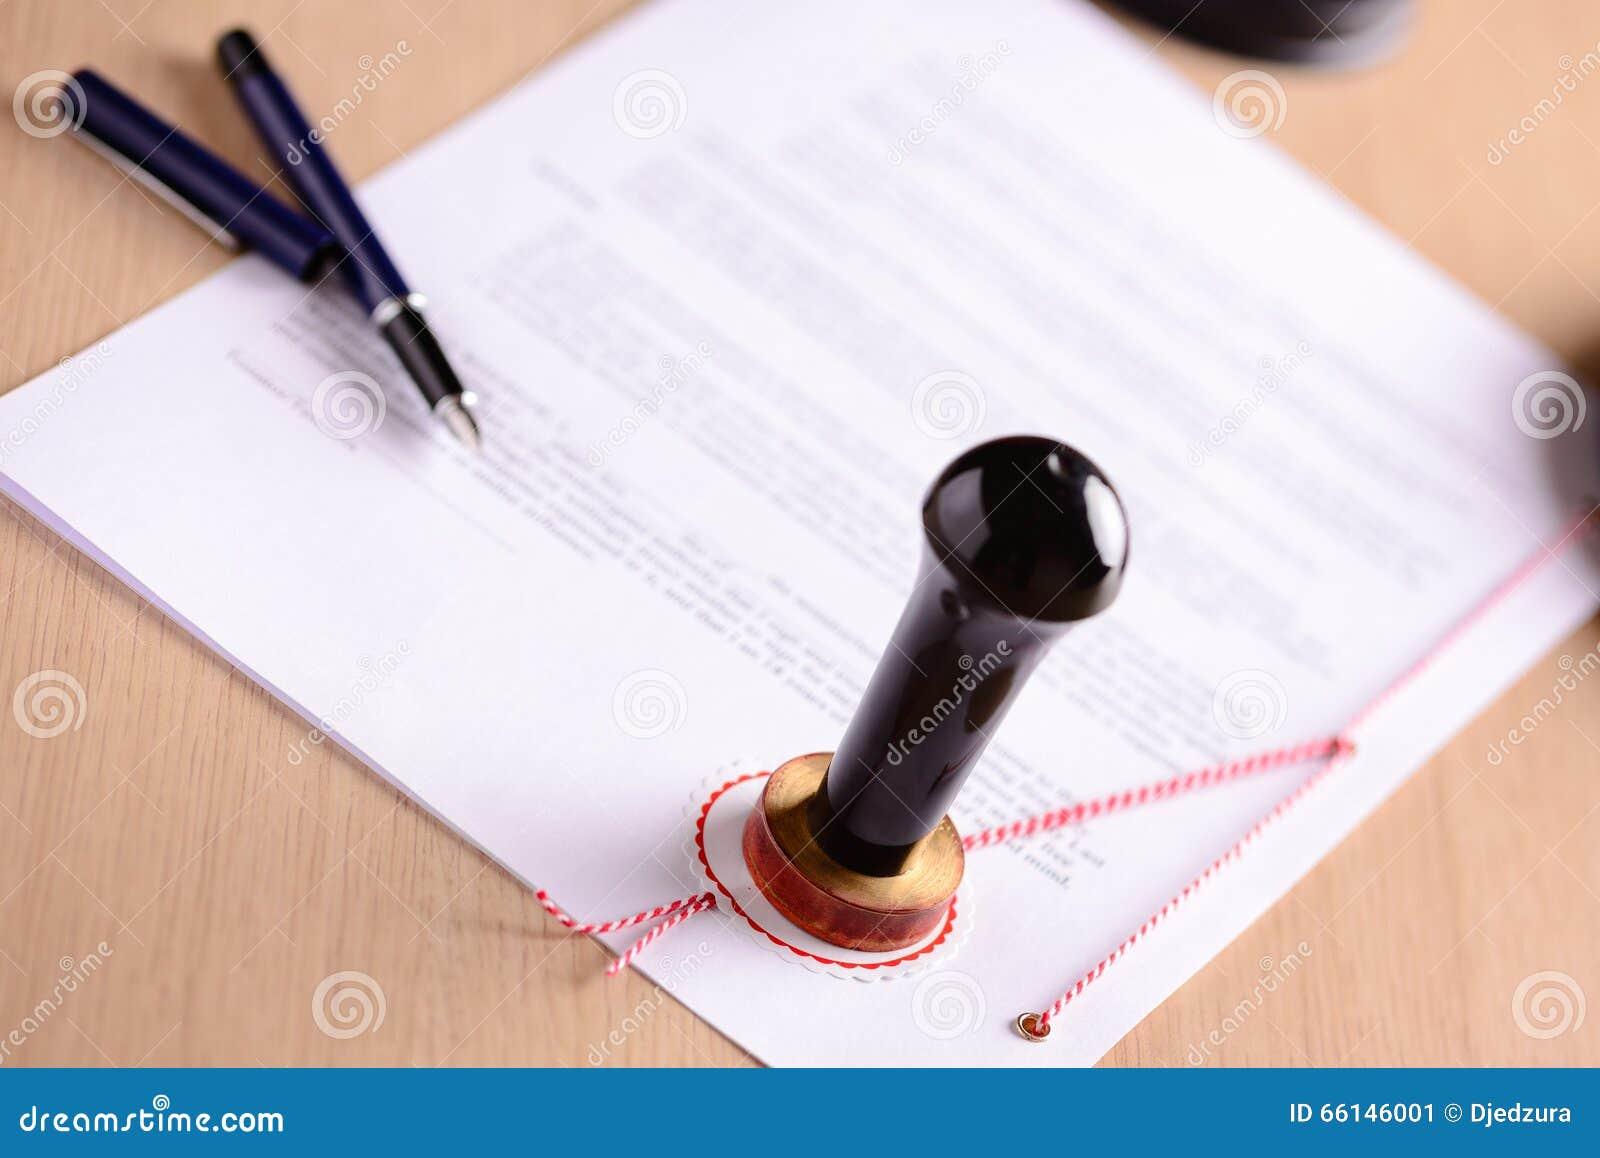 De de openbare pen en zegel van de notaris op testament